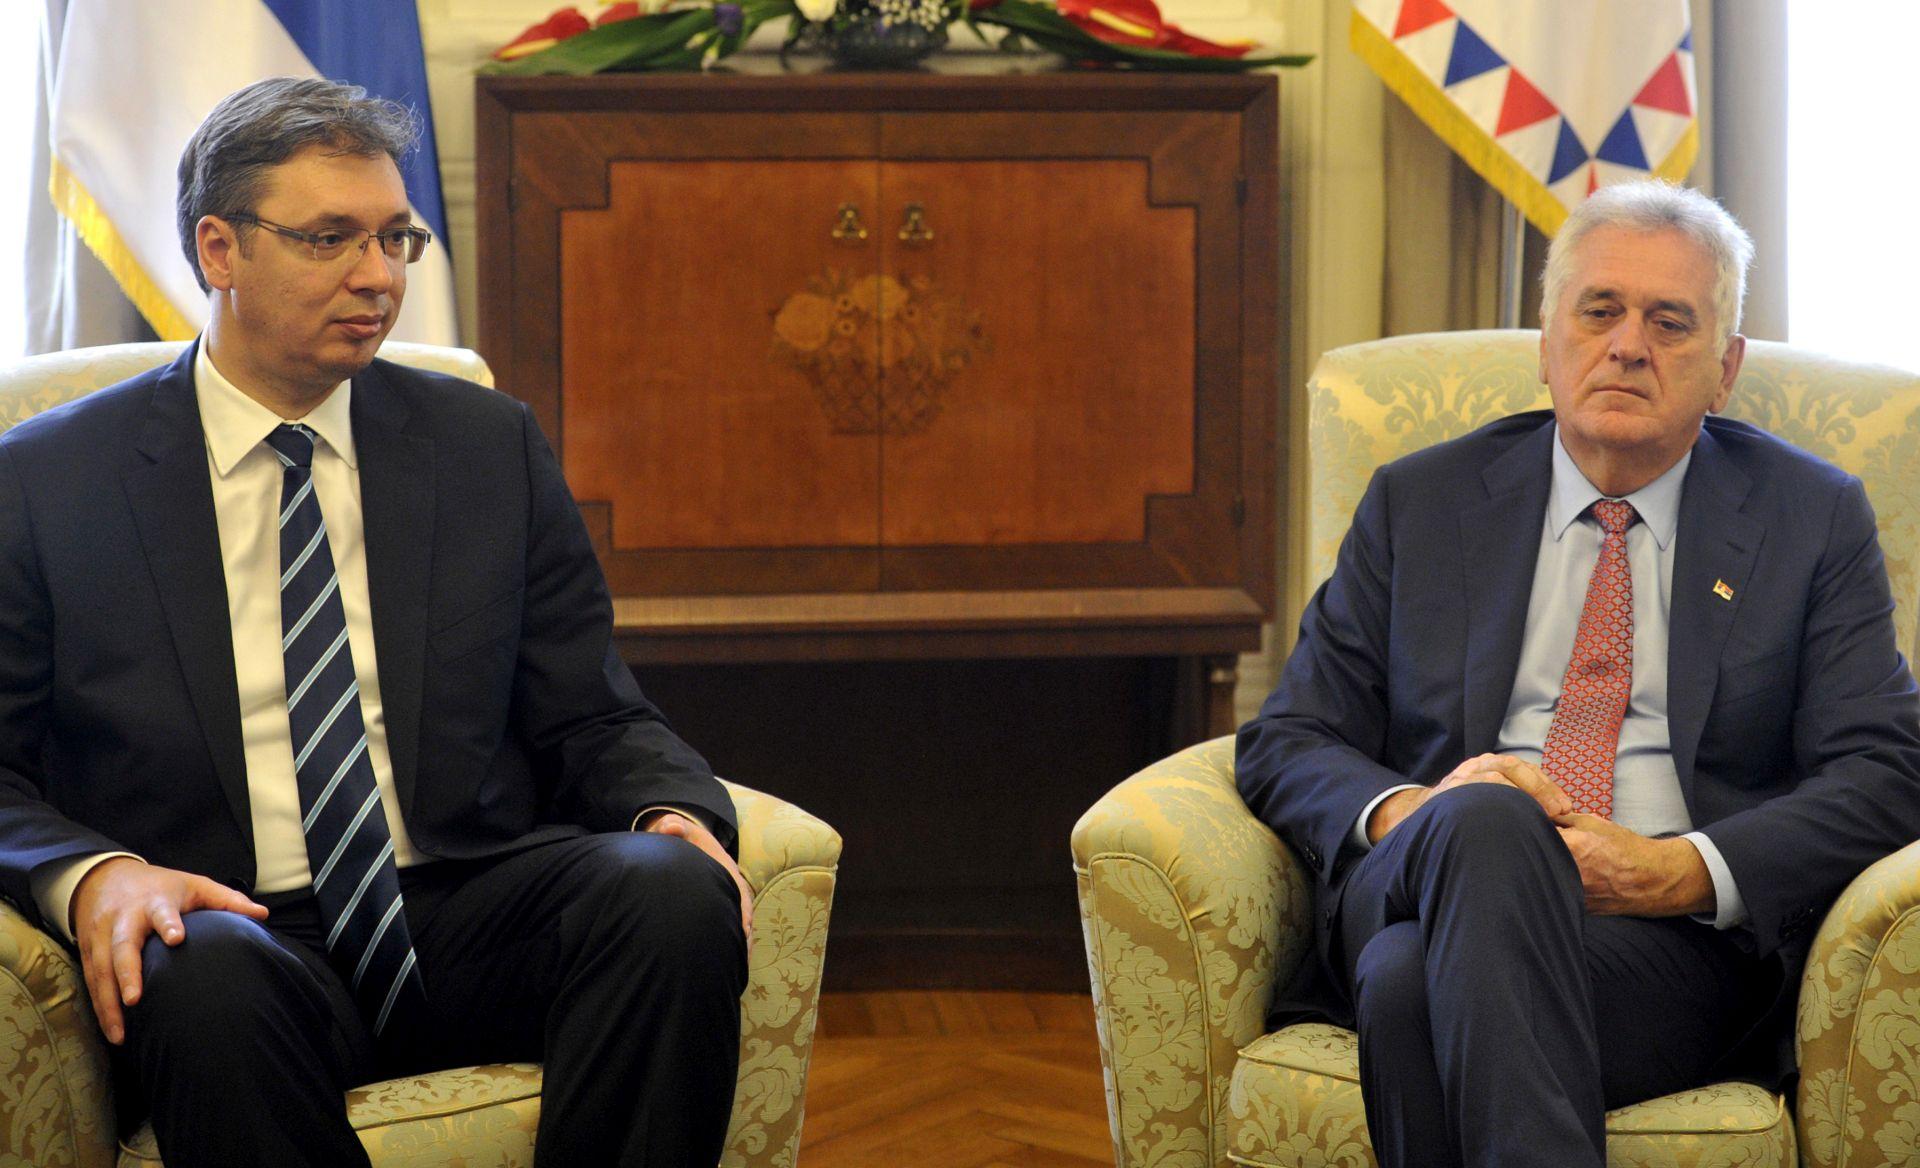 PAO DOGOVOR: Vučić će podržati Nikolića na predsjedničkim izborima 2017.